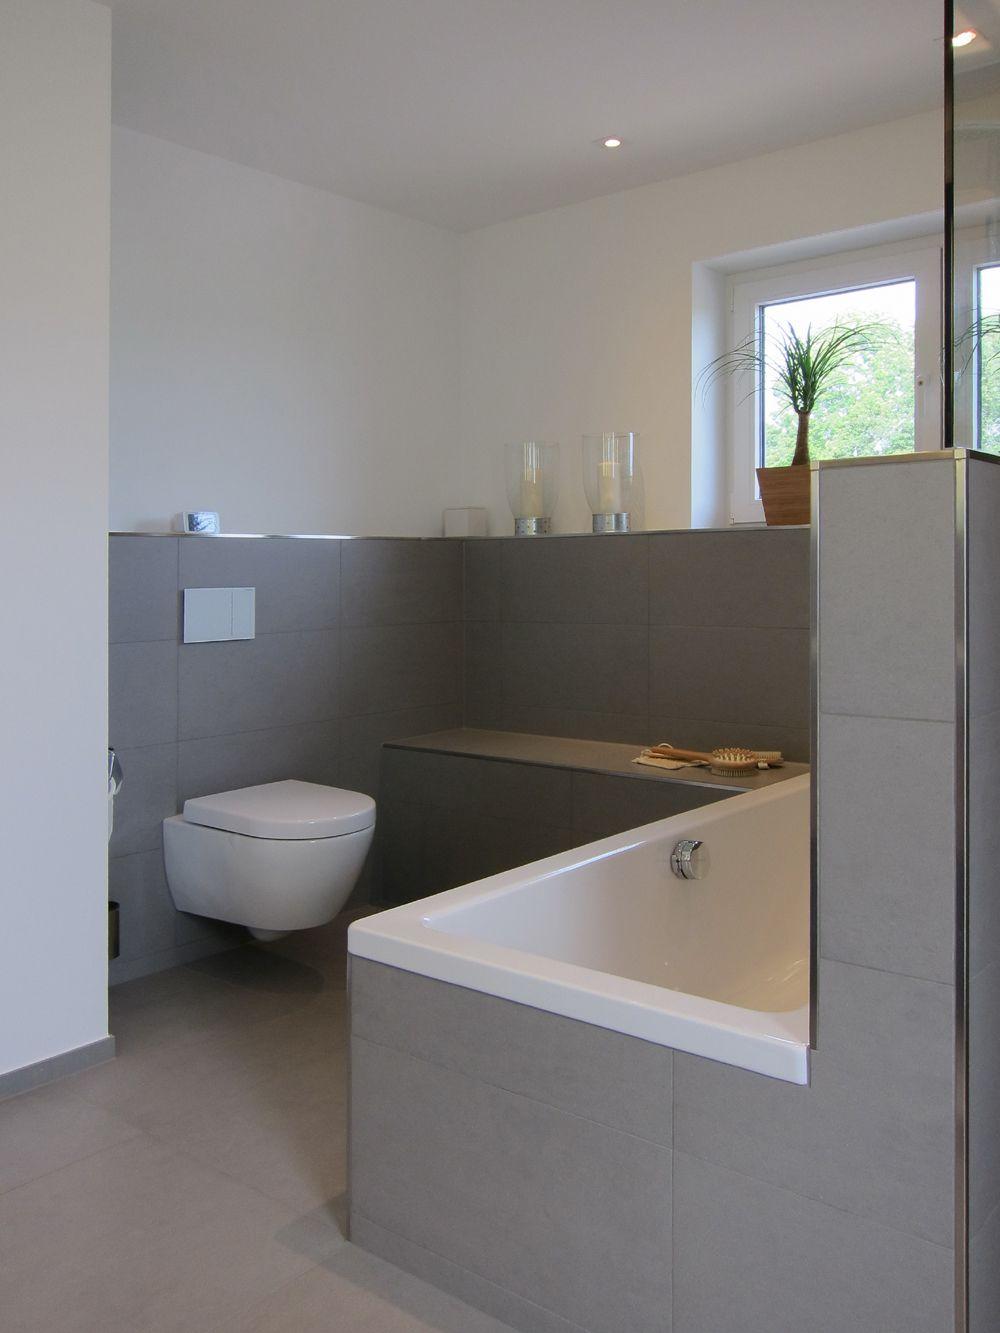 Das wc im familienbad einrichten und wohnen in 2019 for Badezimmer ideen 9qm